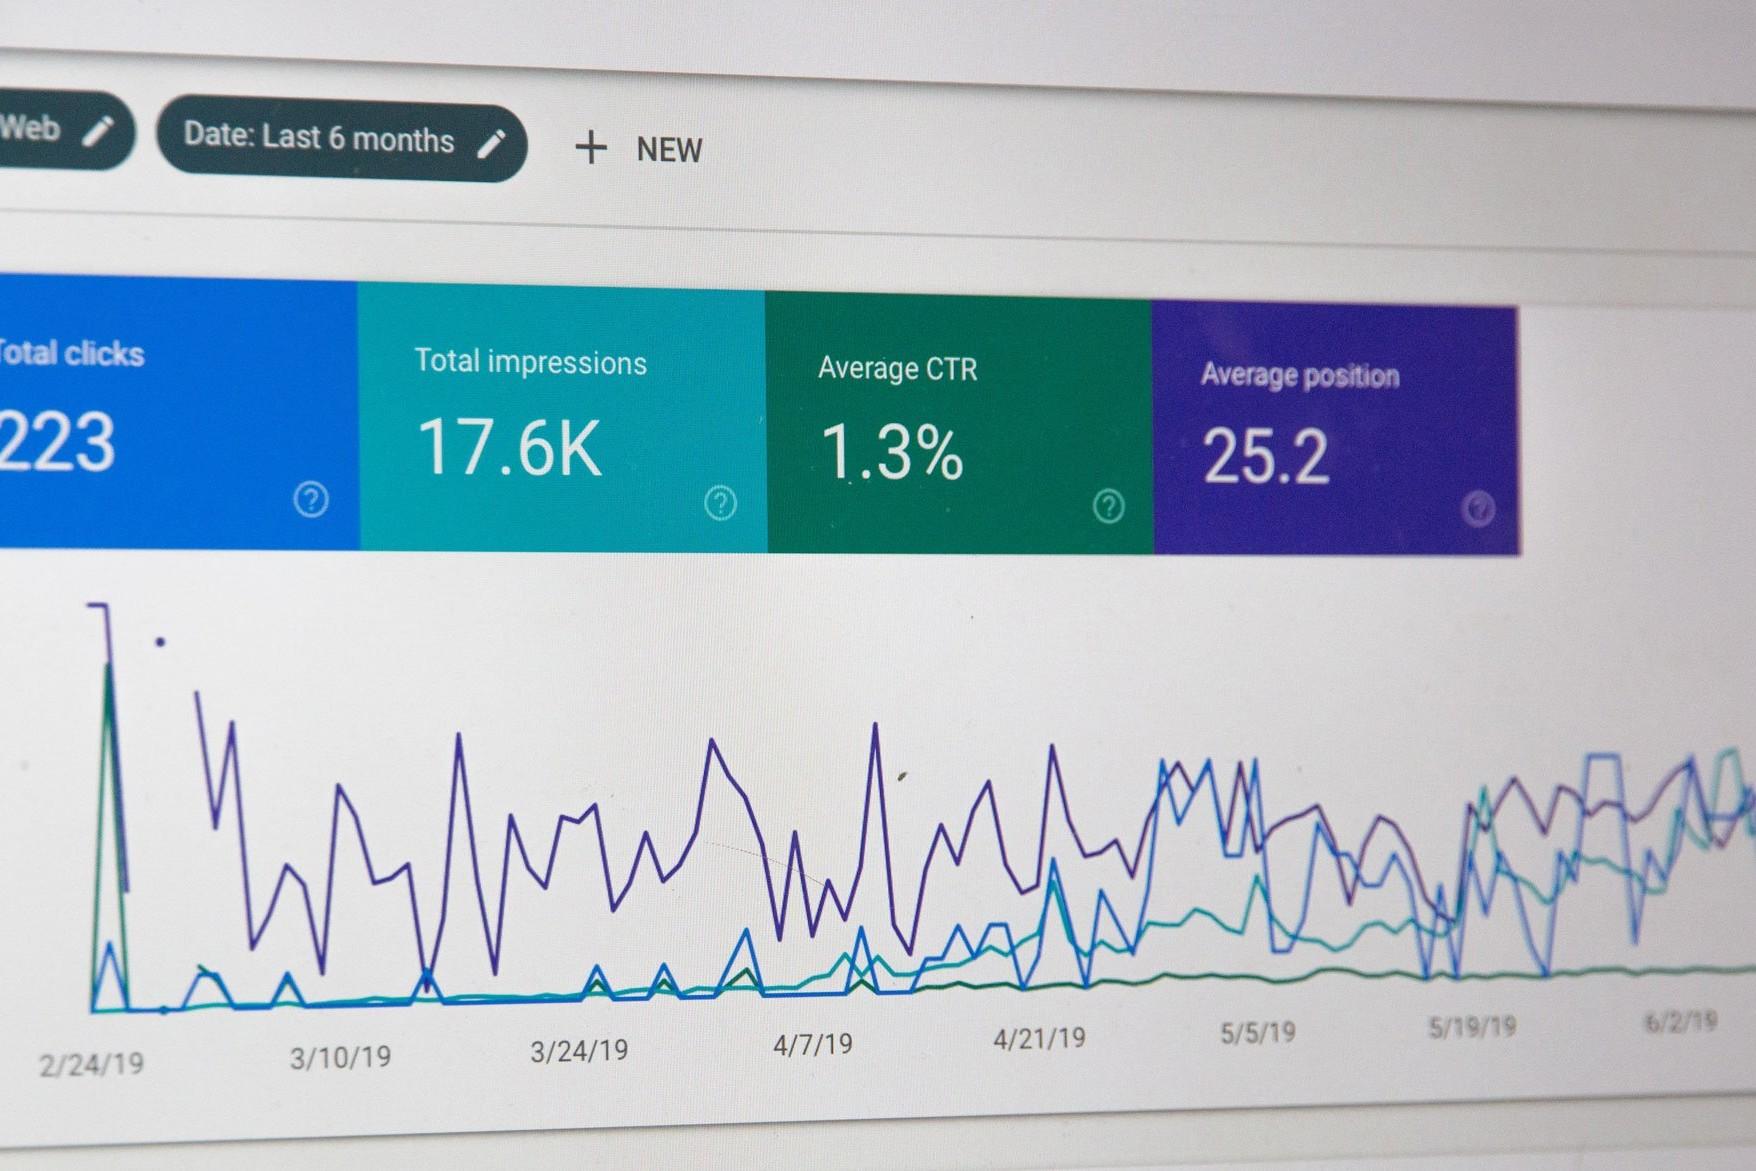 CTR-Optimierung: So steigert ihr die Klickraten bei Google 8